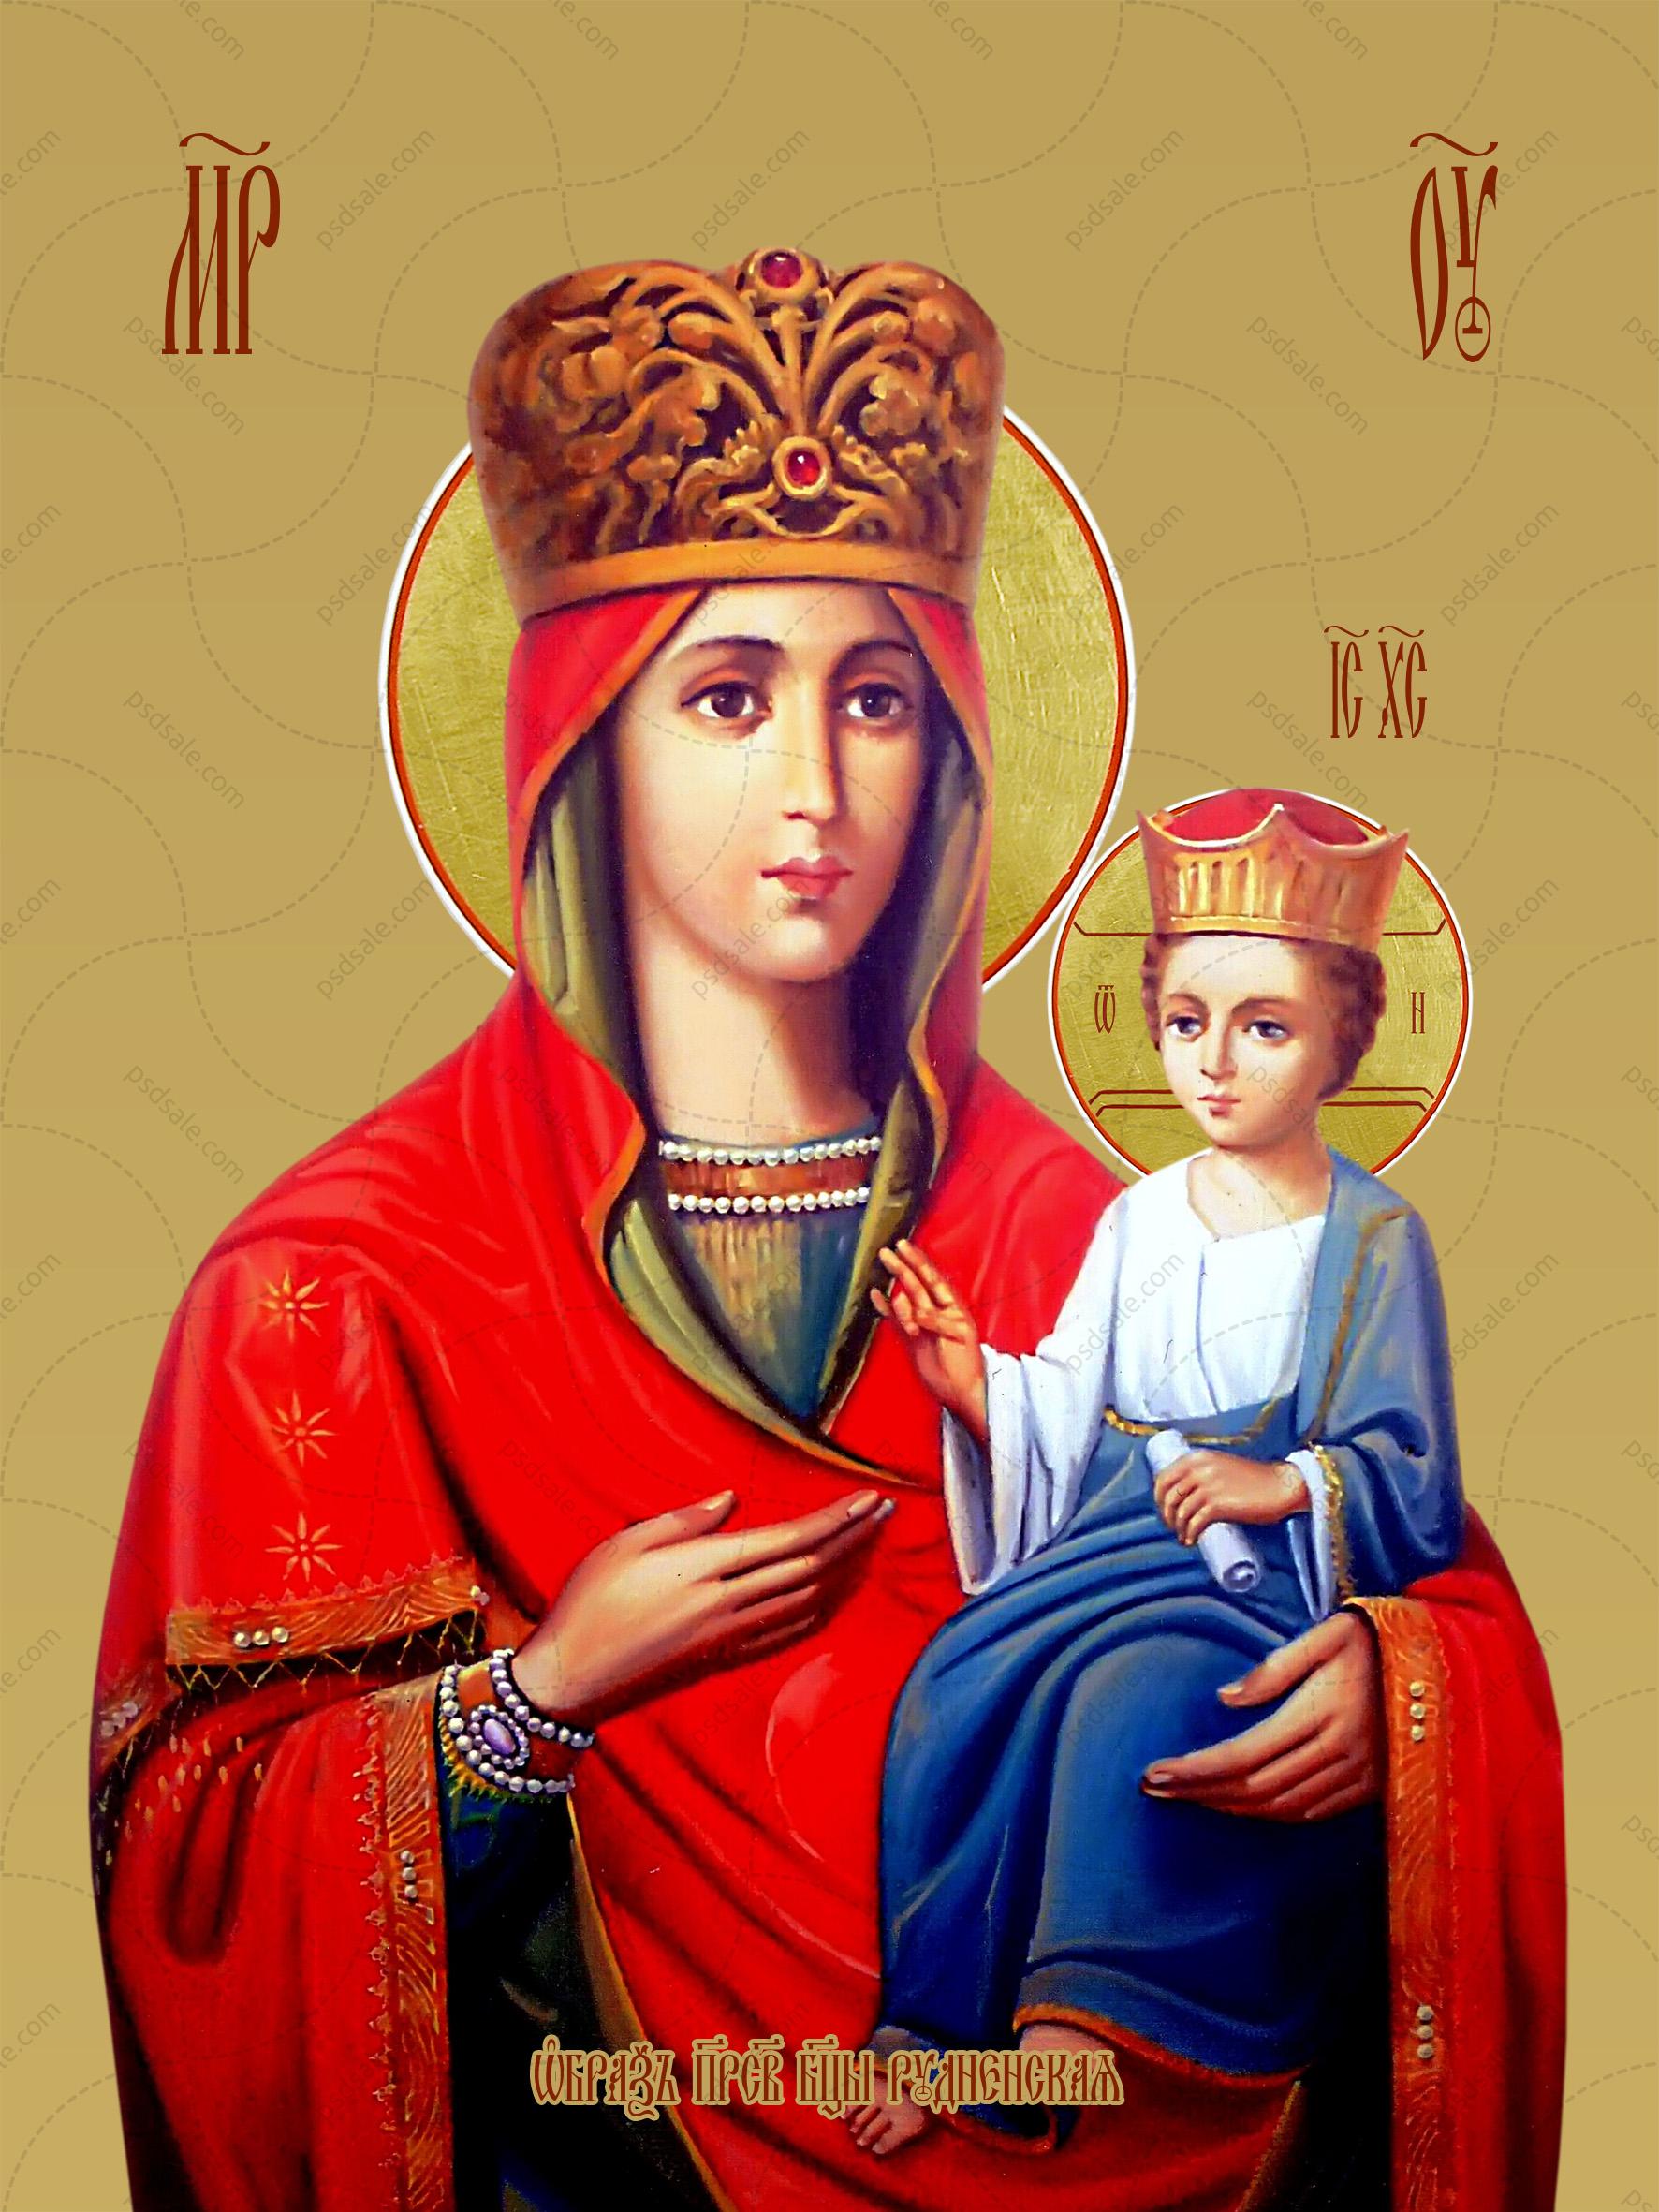 Рудненская икона божьей матери